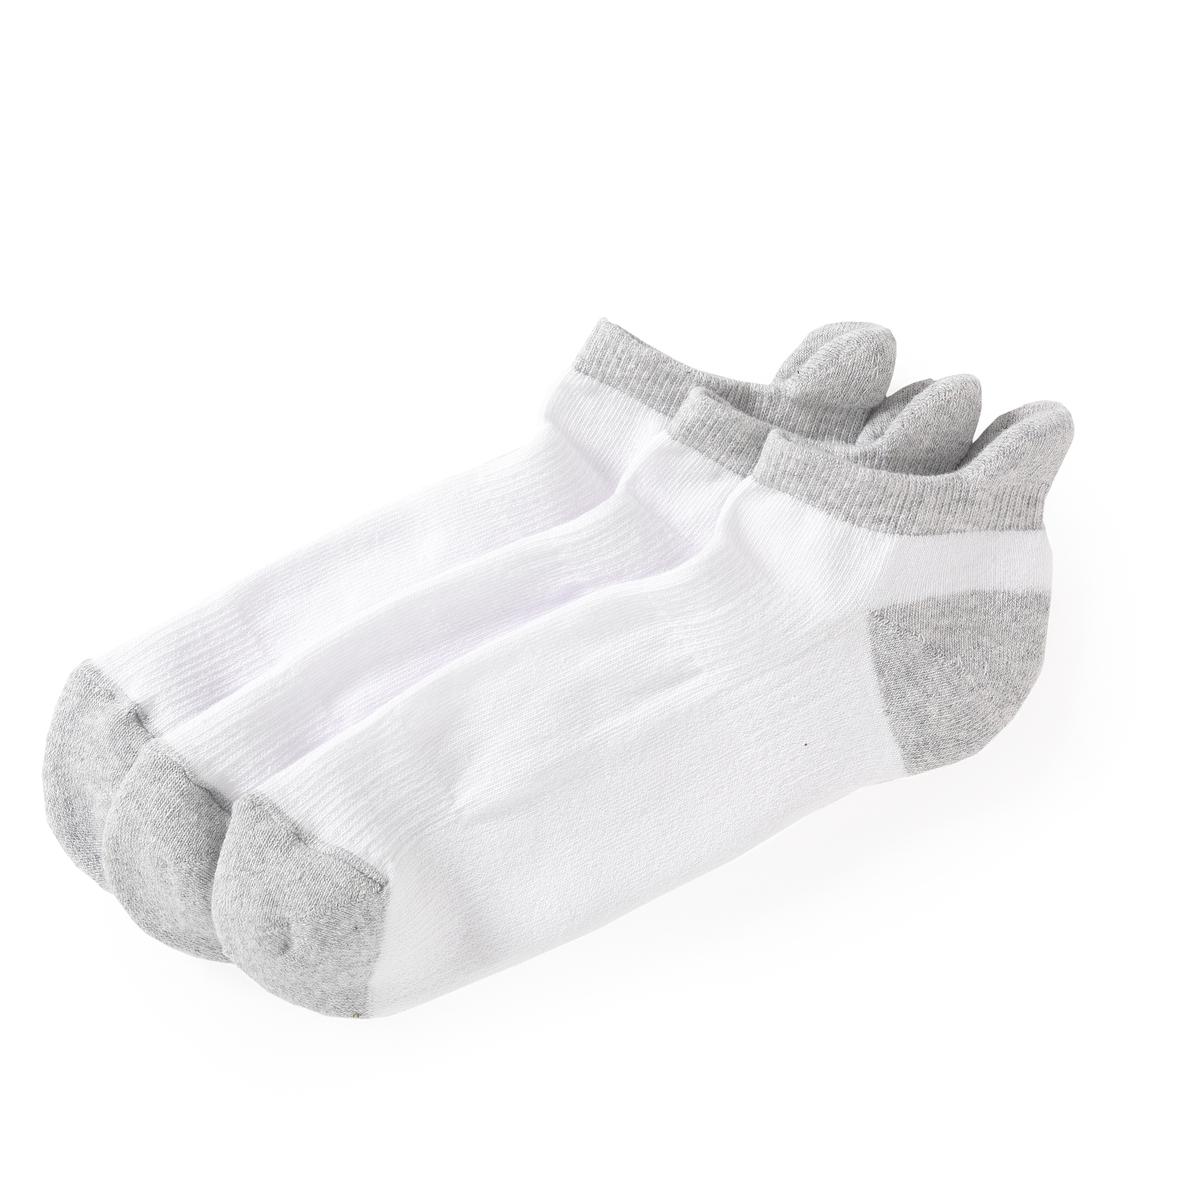 Комплект из 3 пар коротких спортивных носковКомплект из 3 пар коротких спортивных носков R essentiel. Внутренняя поверхность из букле для большего комфорта. Эластичная лента вверху ноги для отличной поддержки носка.         Состав и описание                           Материал  :    77% хлопка, 22% полиамида, 1% эластана         Марка  :    R essentiel                  Уход            Машинная стирка при 30 °С в умеренном режиме   Стирать с вещами схожих цветов<br><br>Цвет: белый/ серый<br>Размер: 37/41